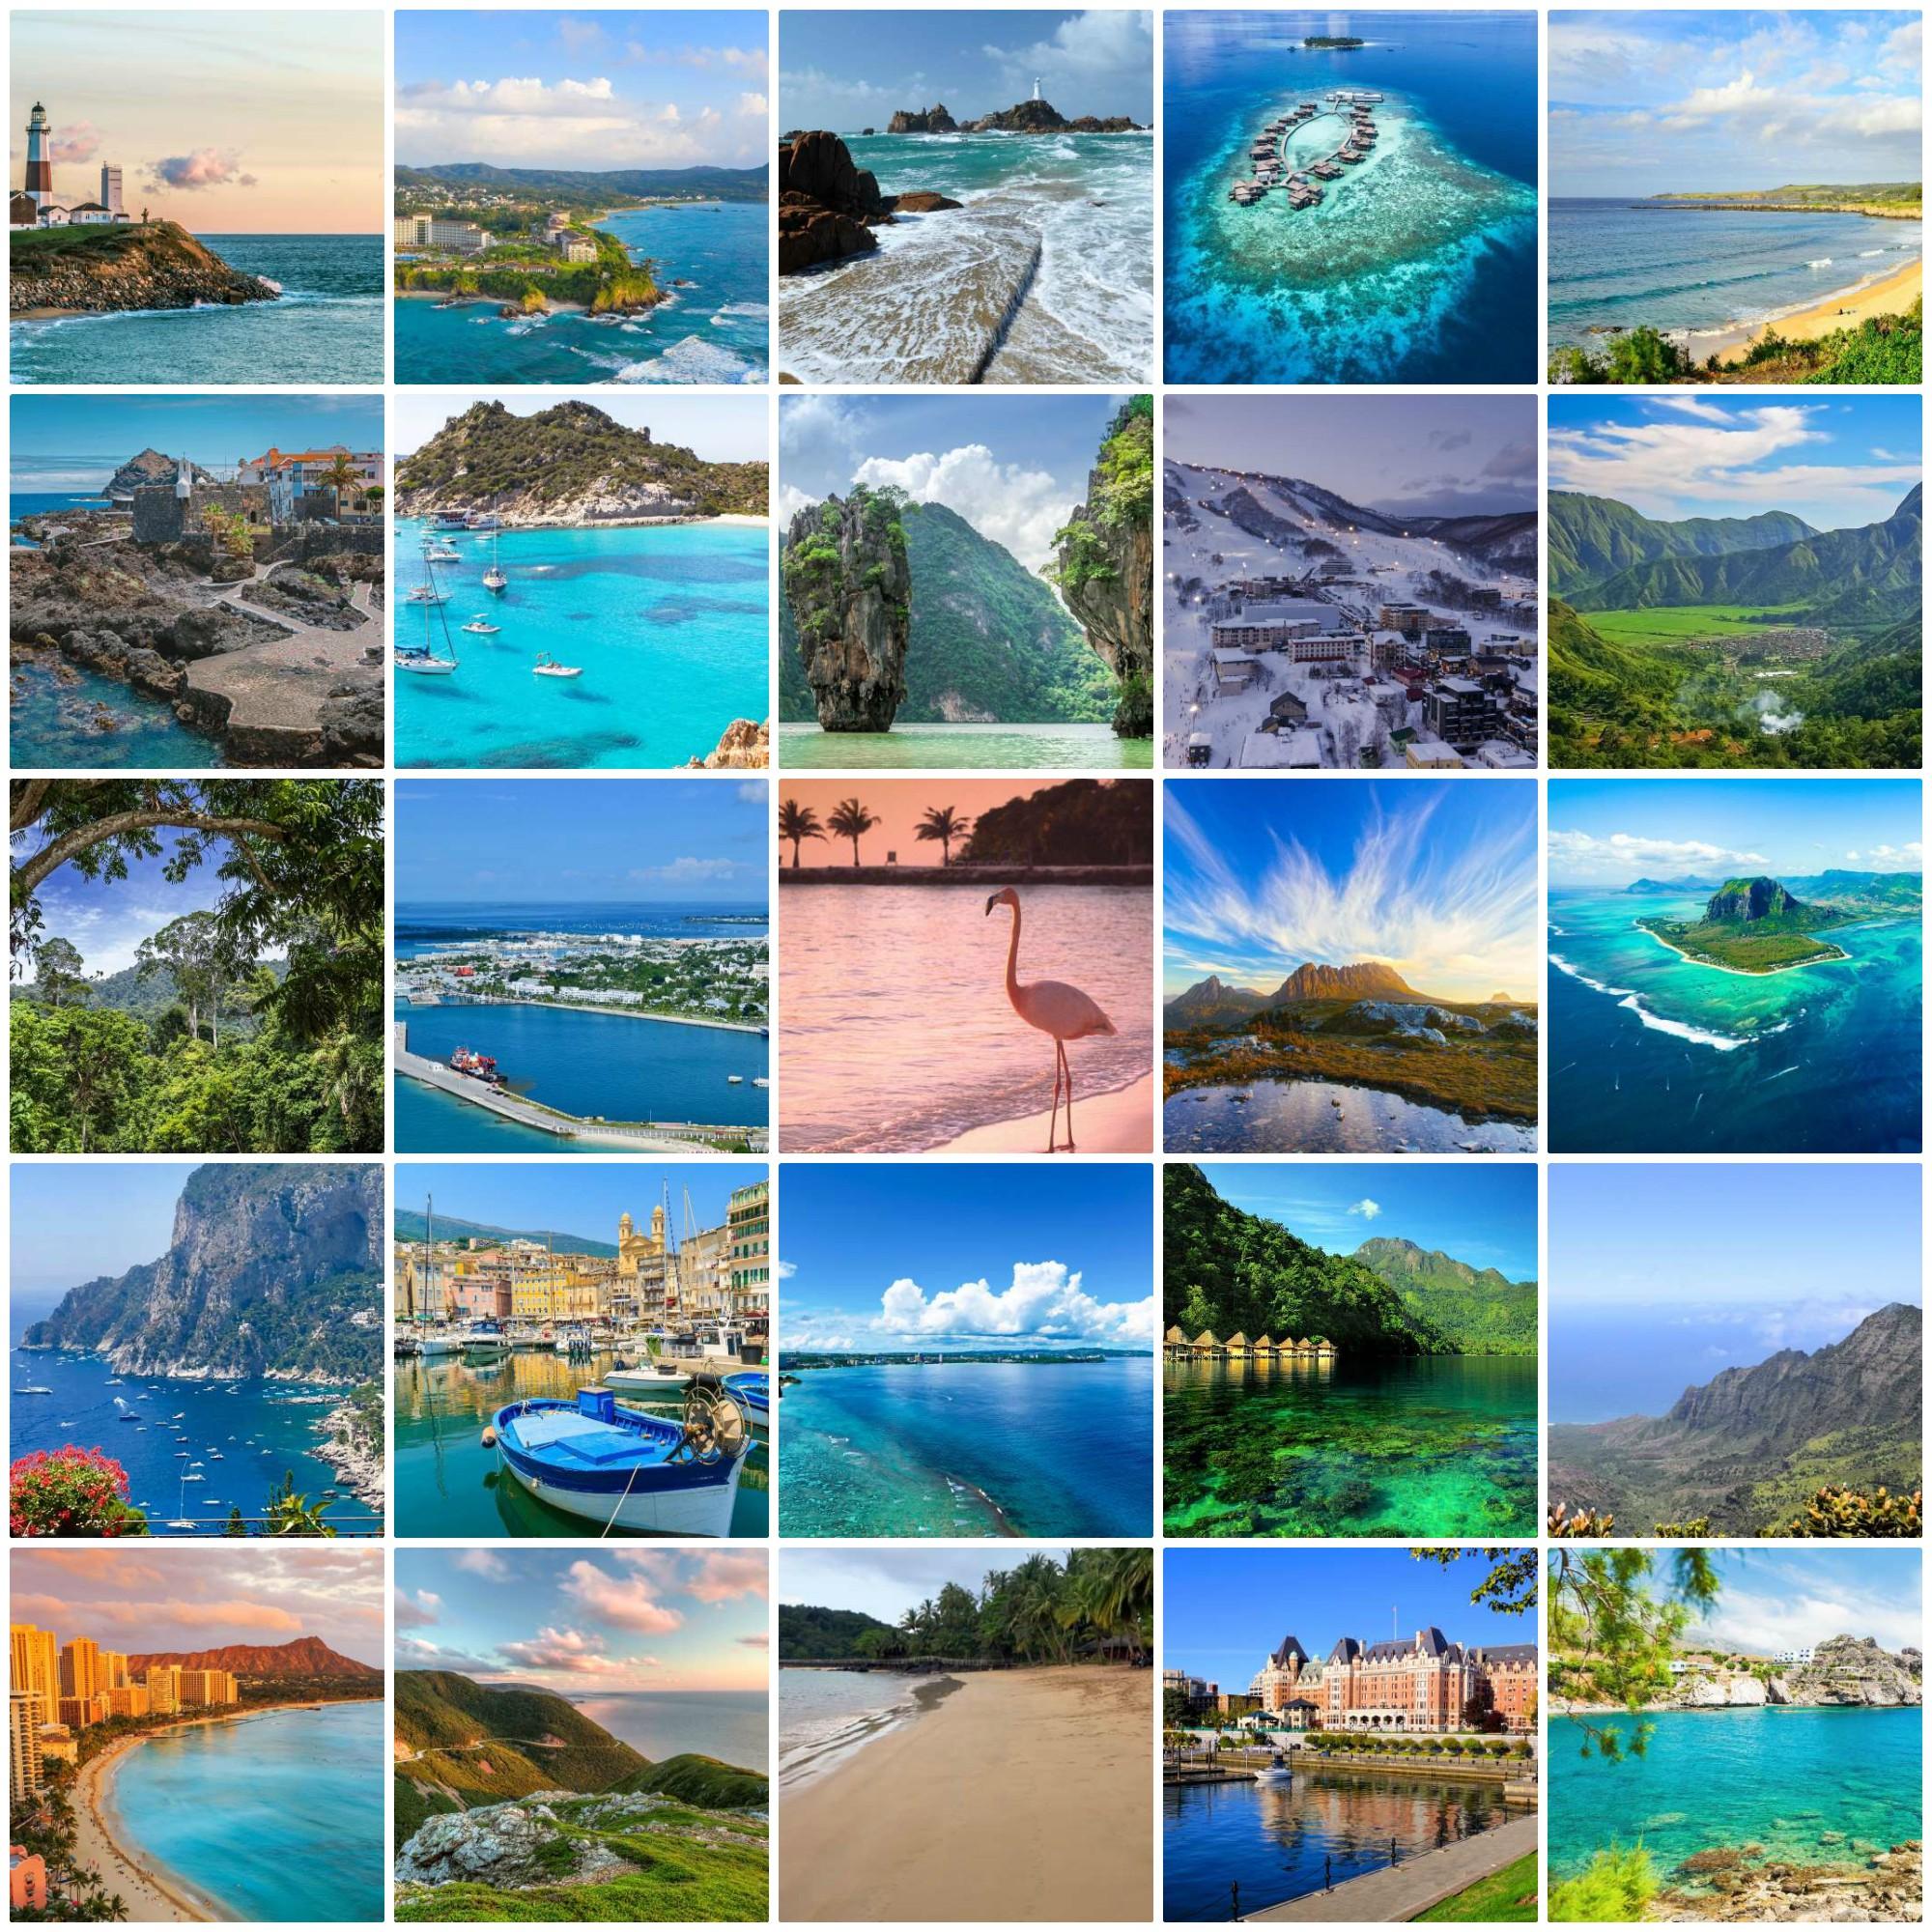 جزیرههایی با بازدید زیاد در فضای مجازی